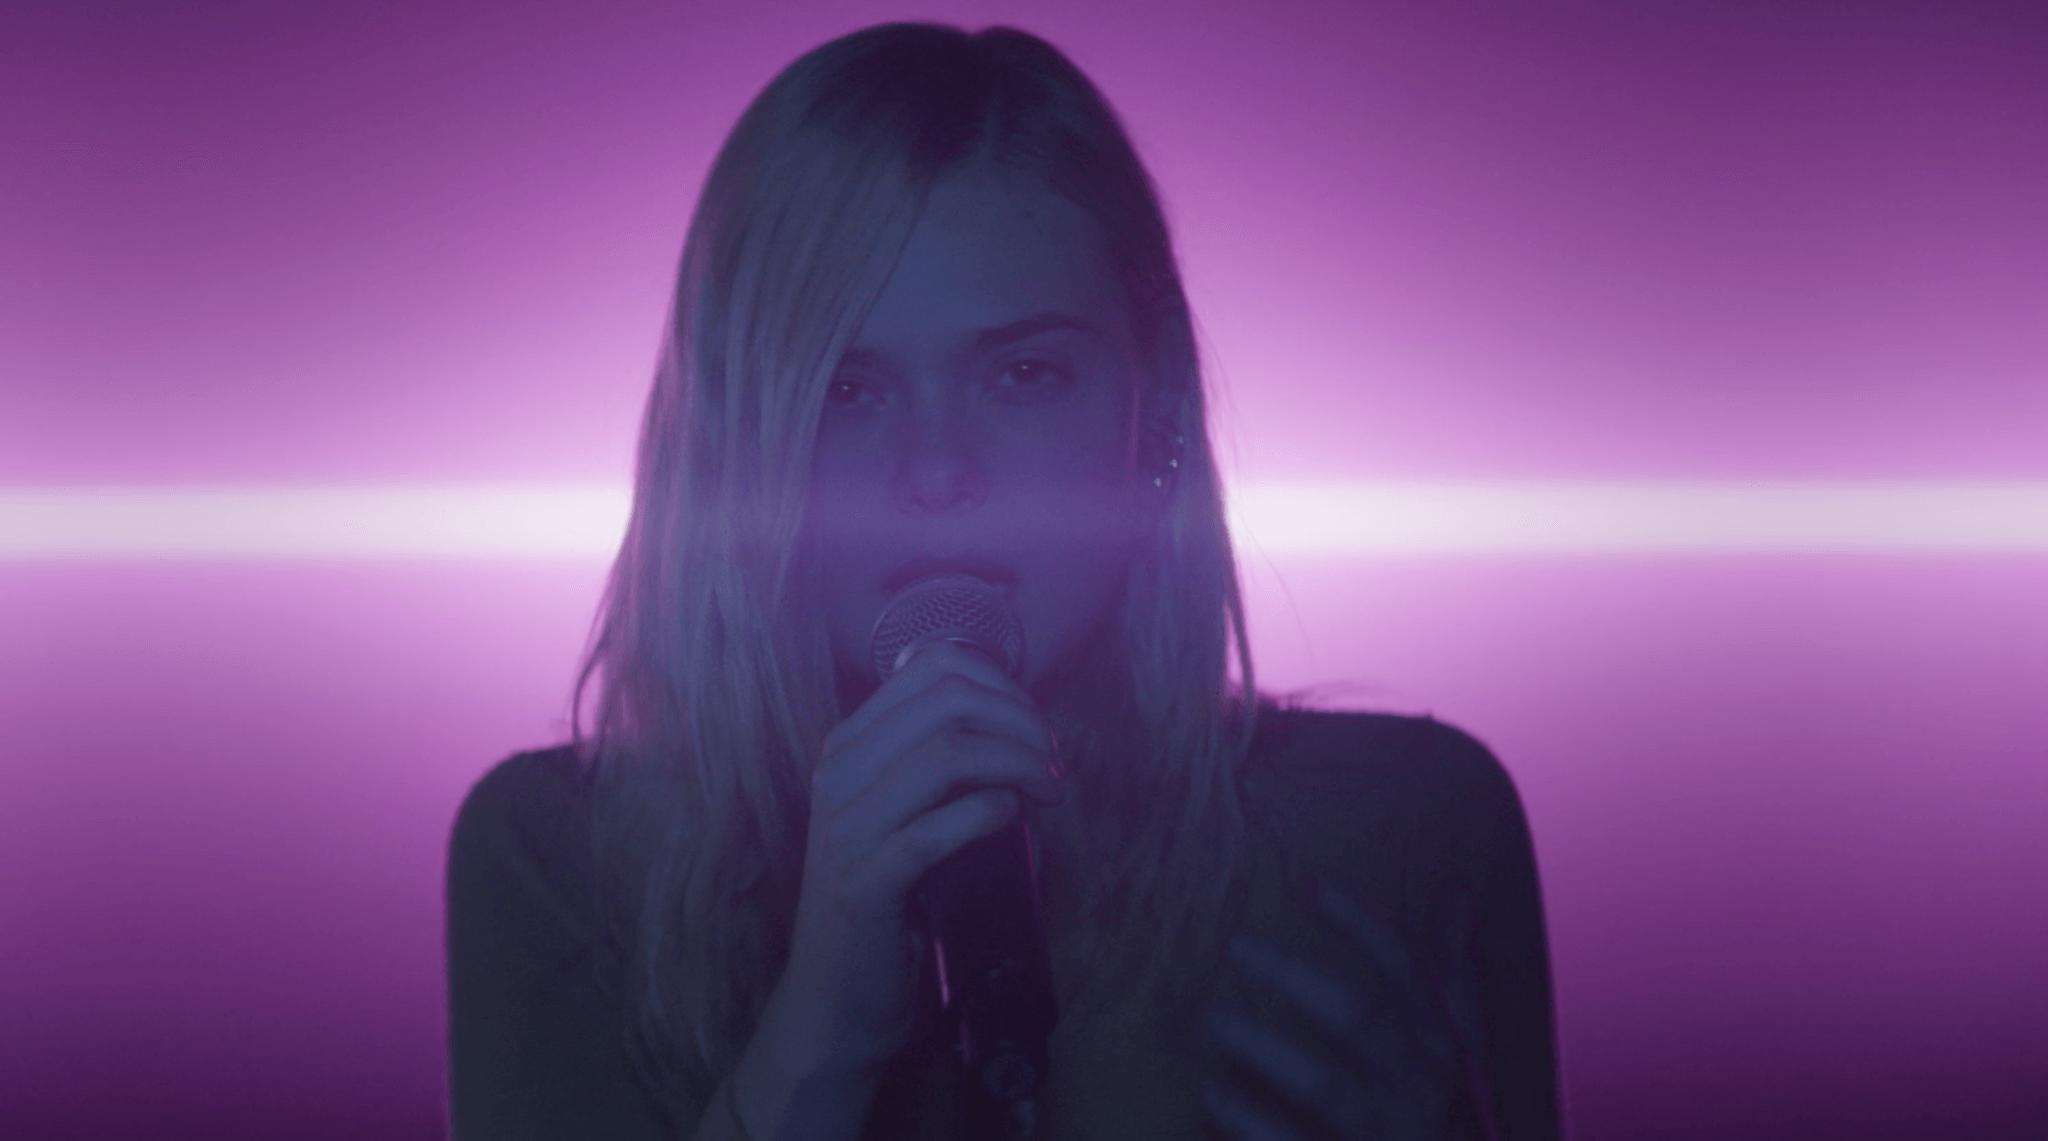 """El trailer de """"Teen Spirit"""" muestra a Elle Fanning haciendo un cover de Robyn como una pop star"""